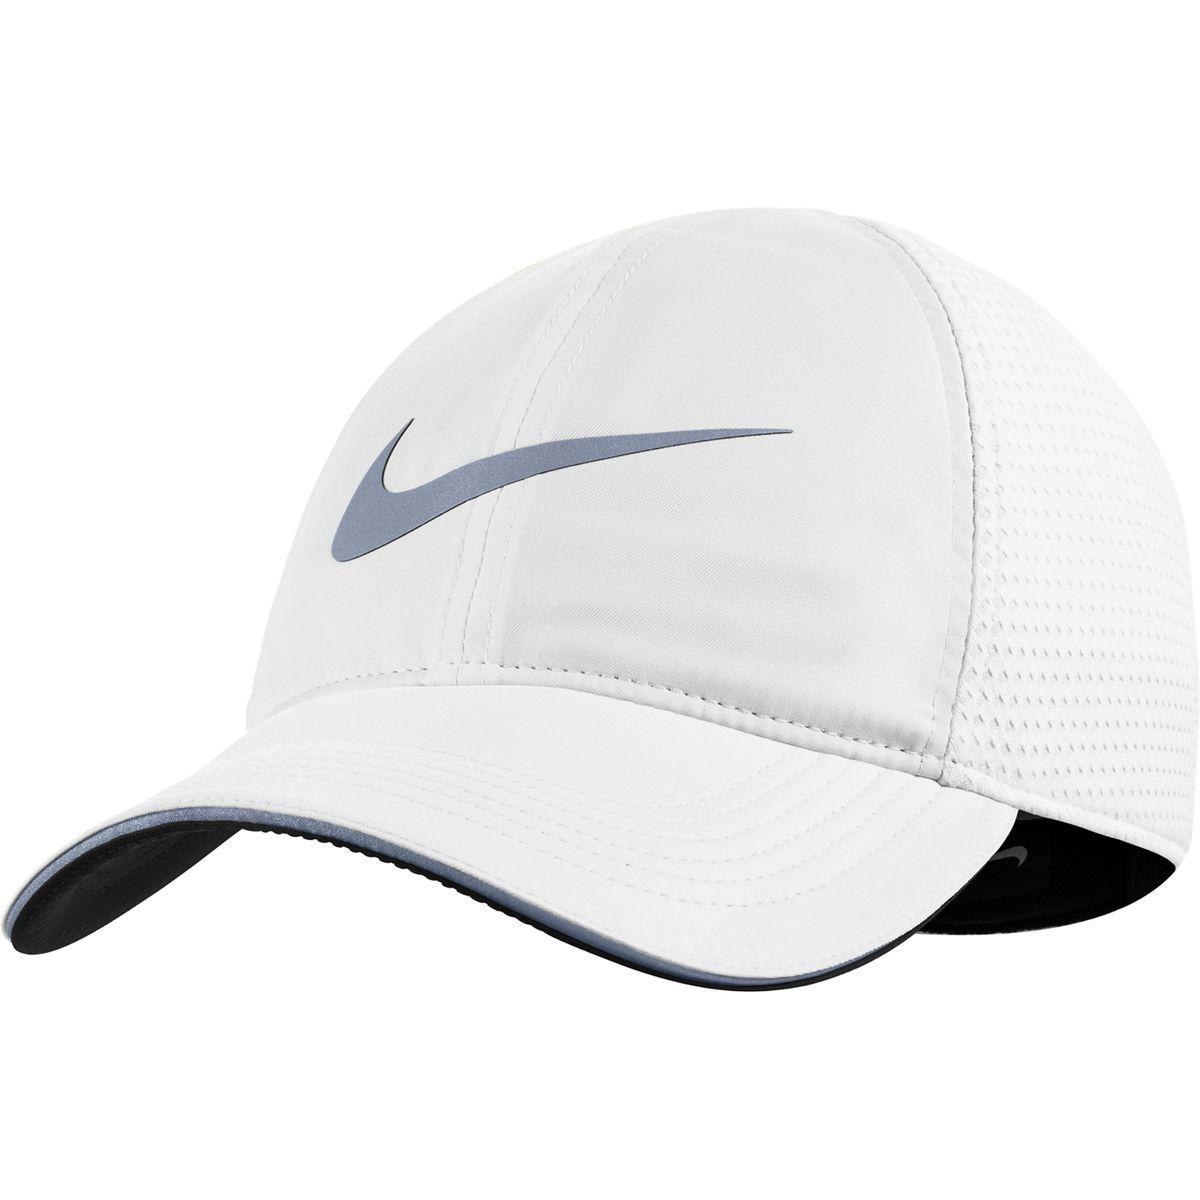 Lyst - Nike Aerobill Heritage Elite Running Hat in White for Men 12935abad98